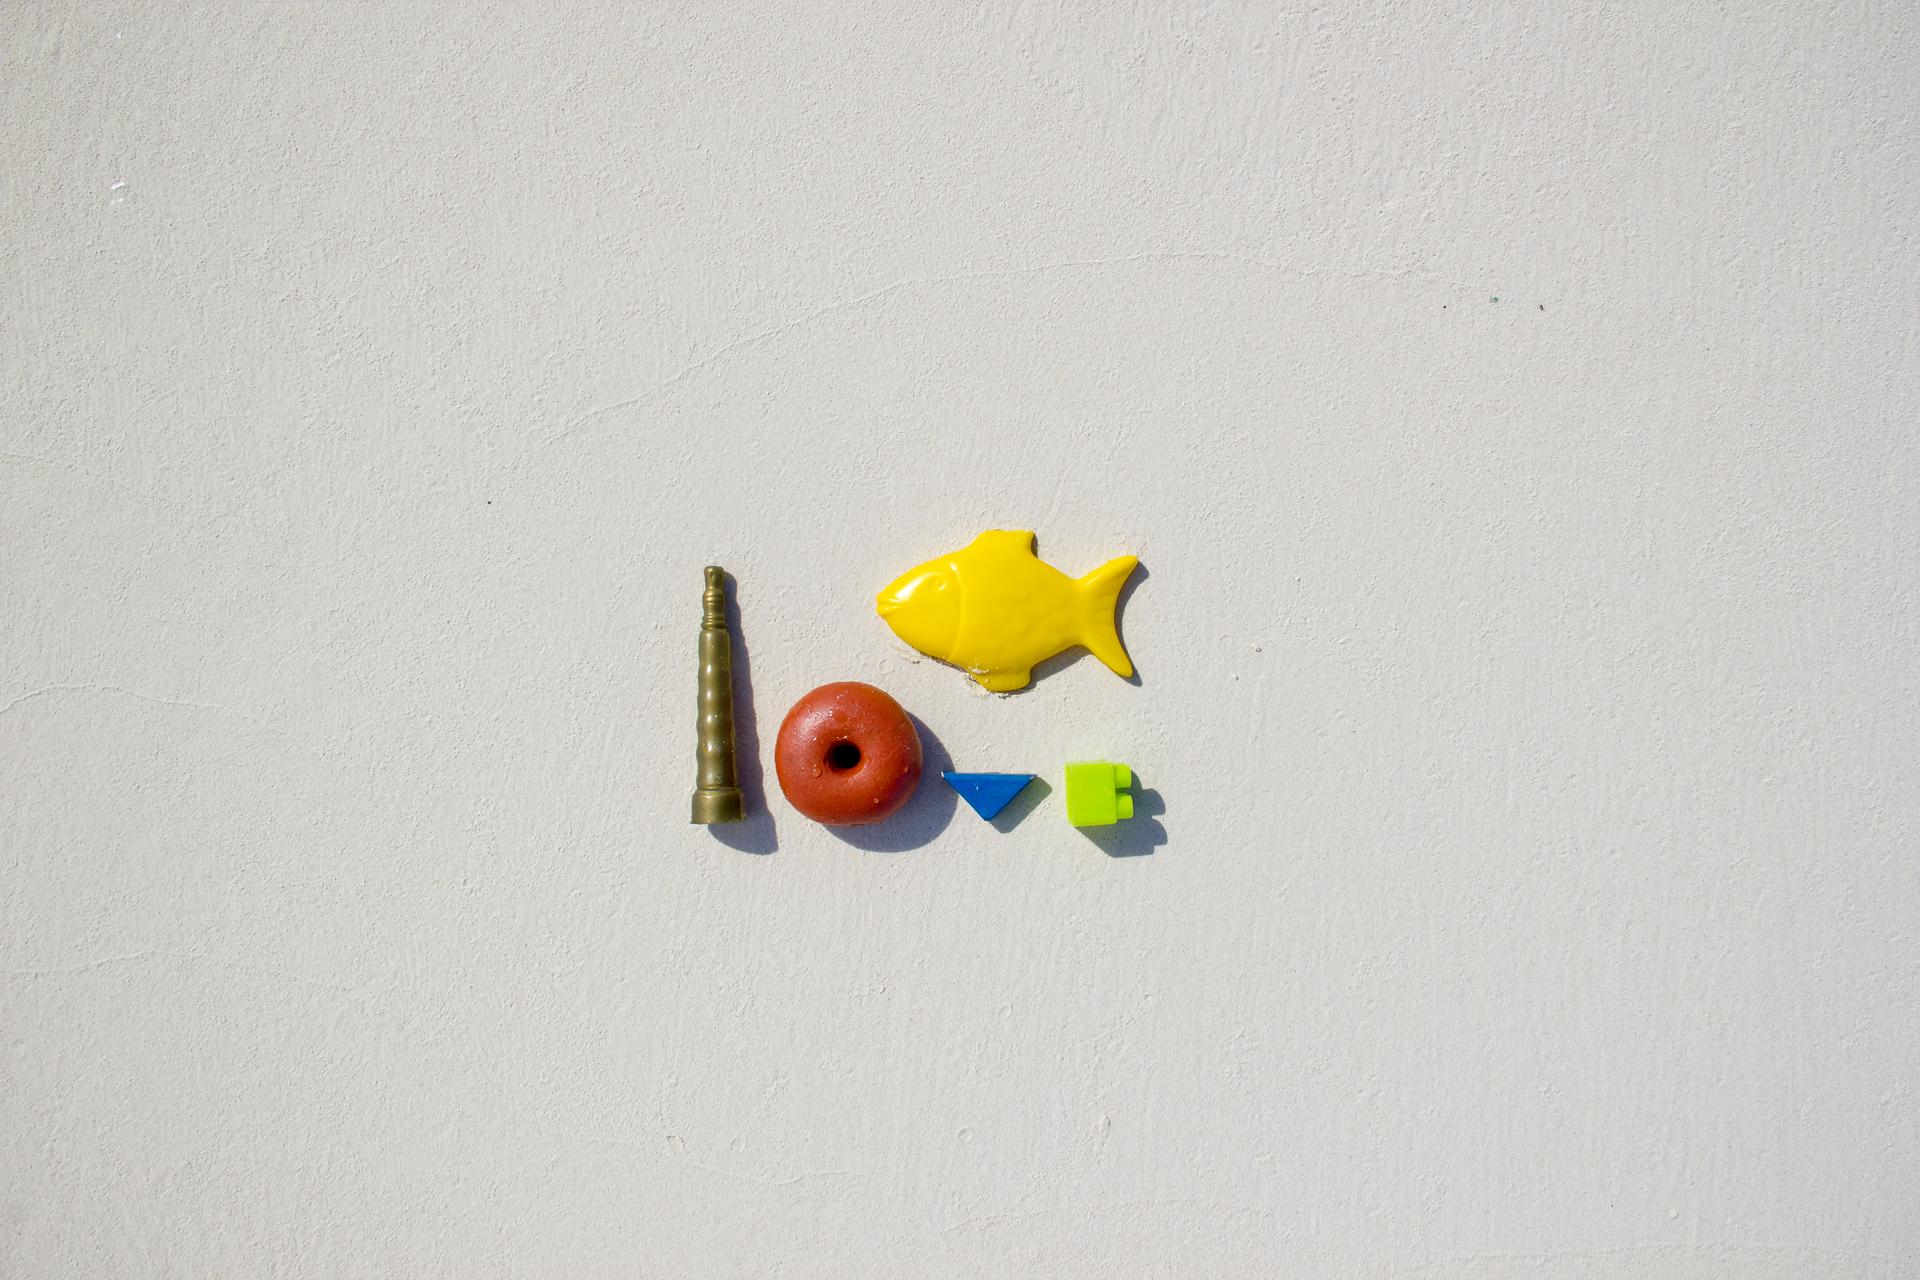 Fishin' In Love